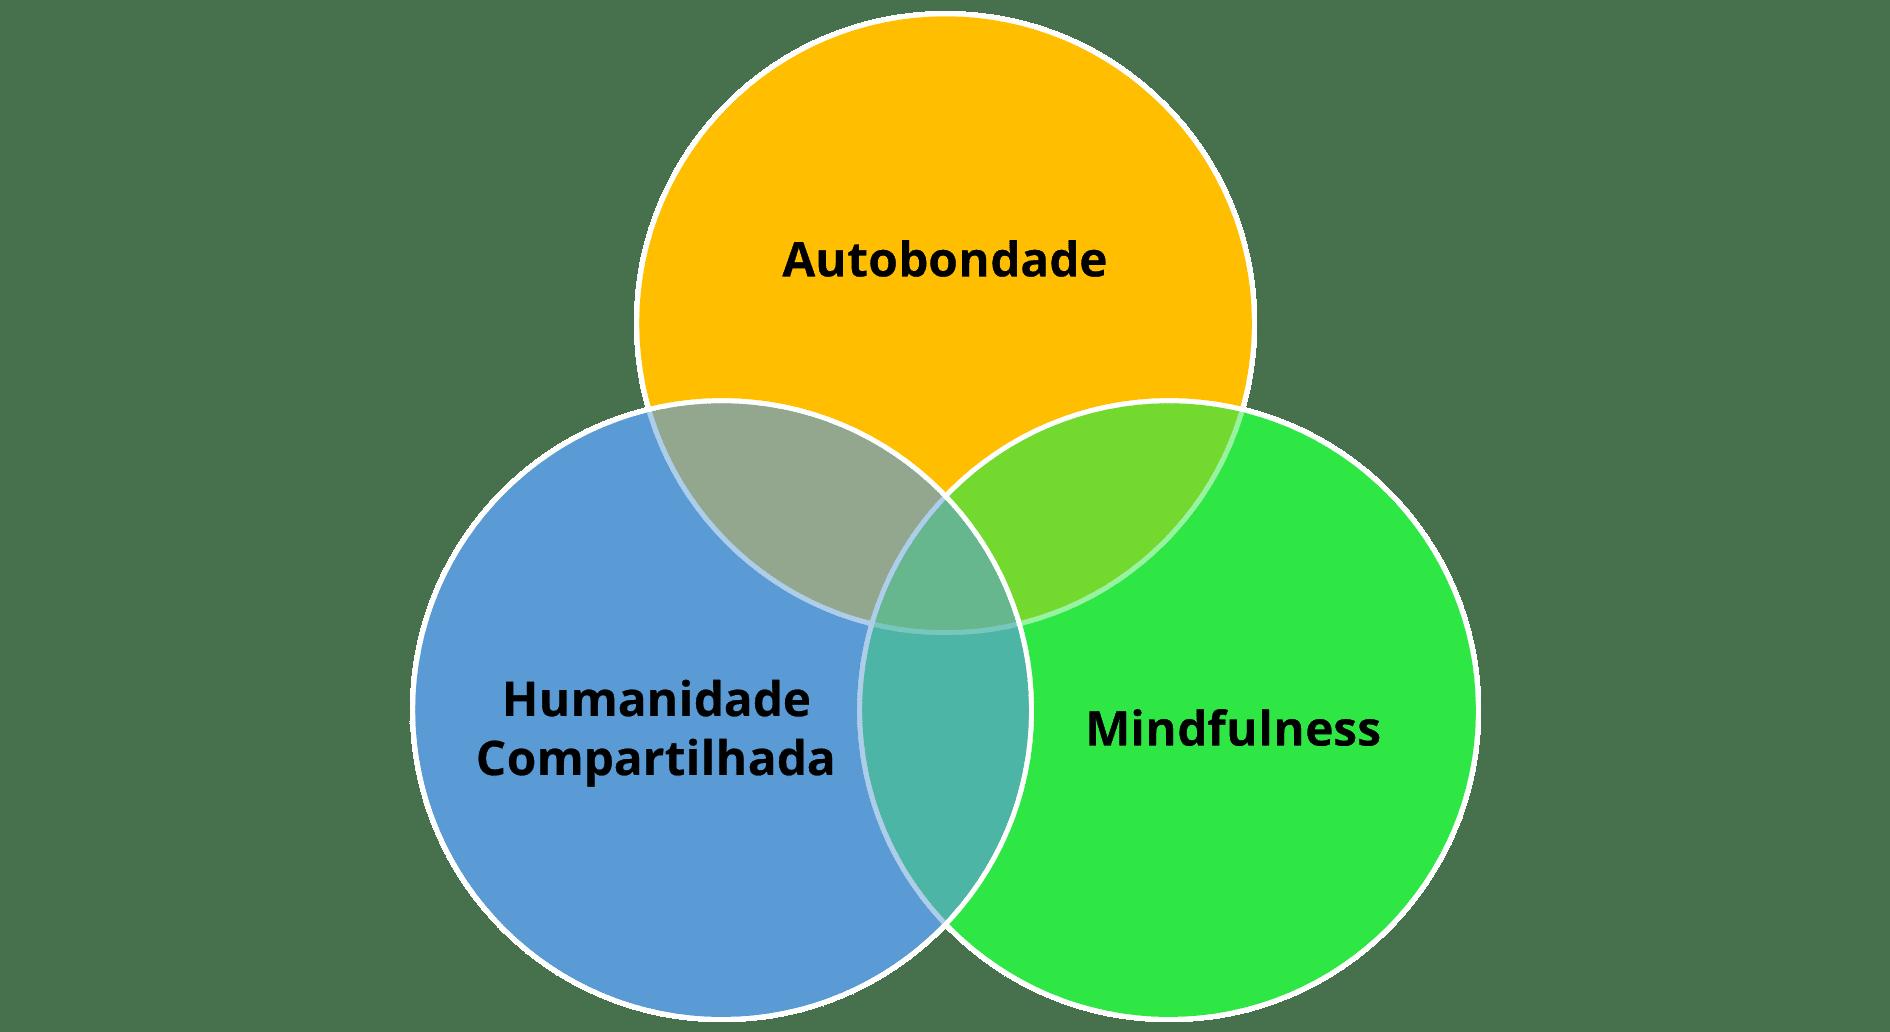 Para iniciar a prática da autocompaixão vamos fortalecer 3 pilares: